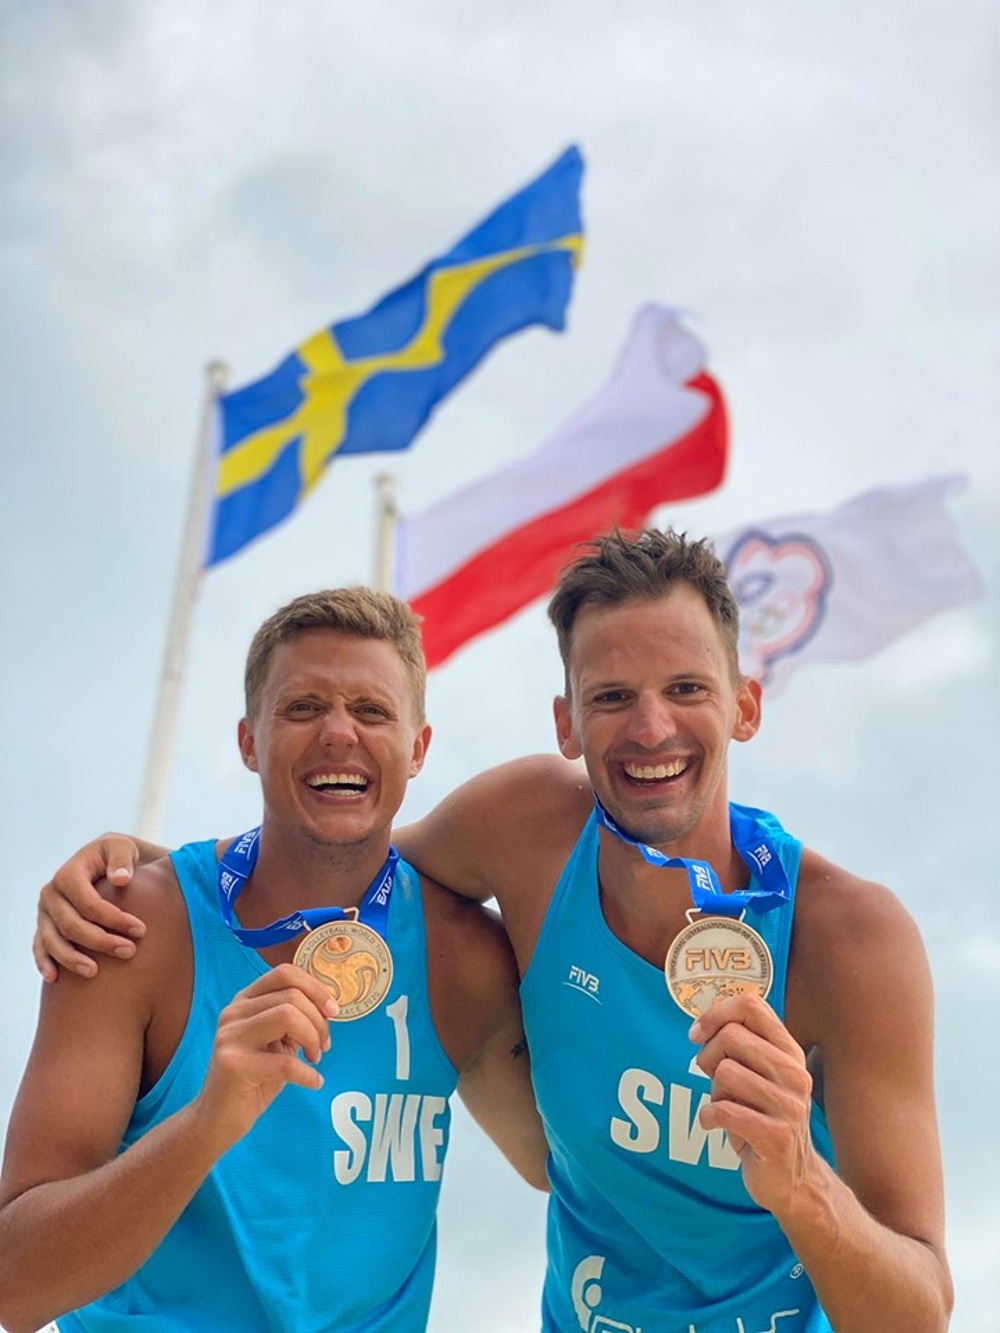 Historiska silvermedaljer i Langkawi, Malaysia. Martin Johansson och Alexander Annerstedt från Göteborg Beachvolley Club blev första svenska herrlag att gå till final i en World Tour-tävling. Foto: Karin Backström.